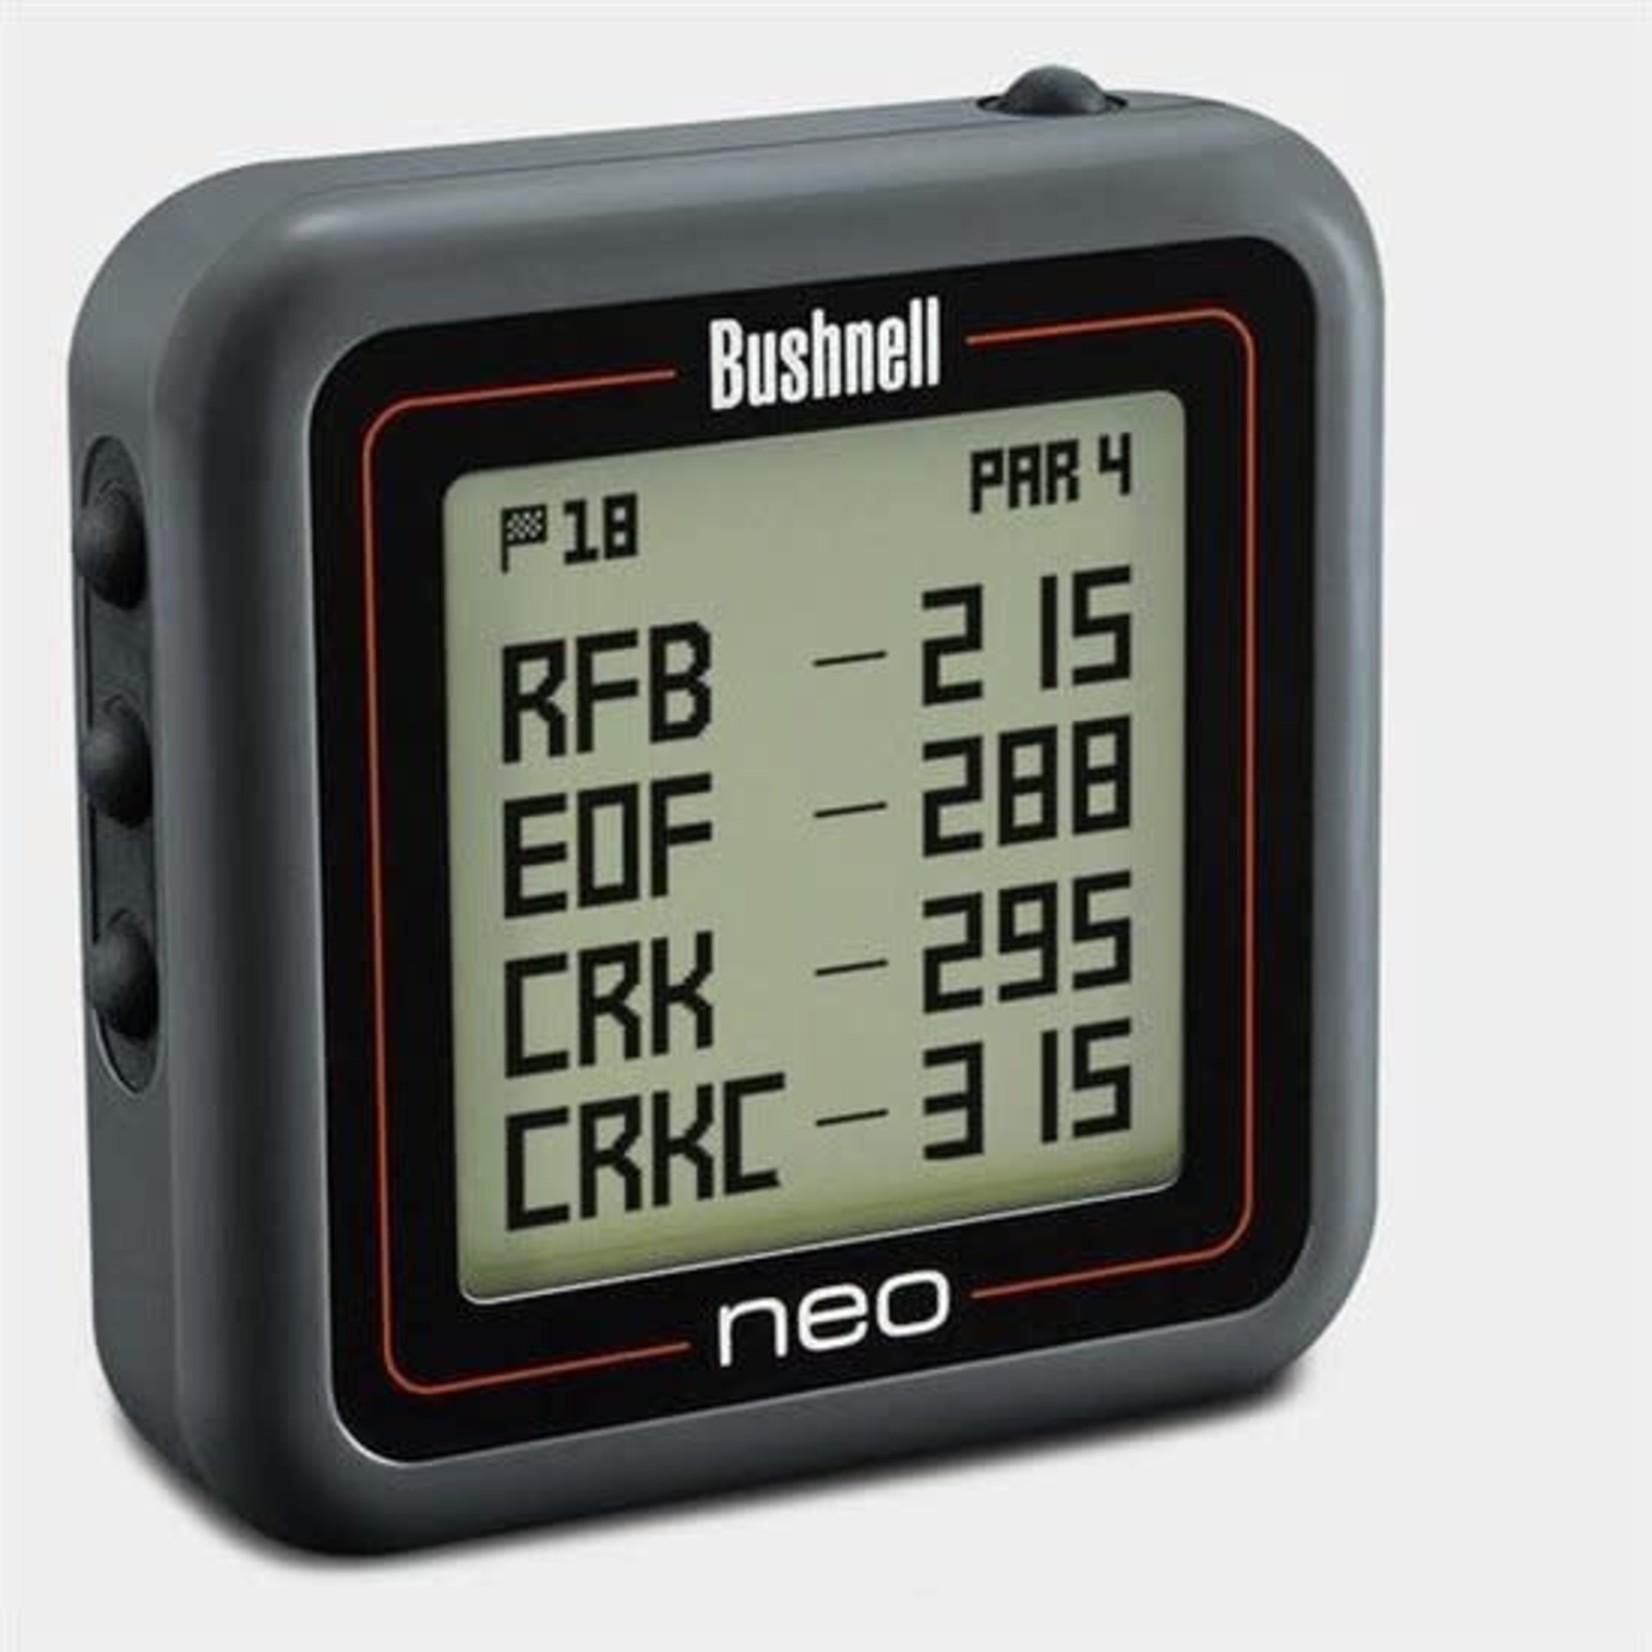 Bushnell Bushnell Golf Neo Ghost GPS Rangefinder